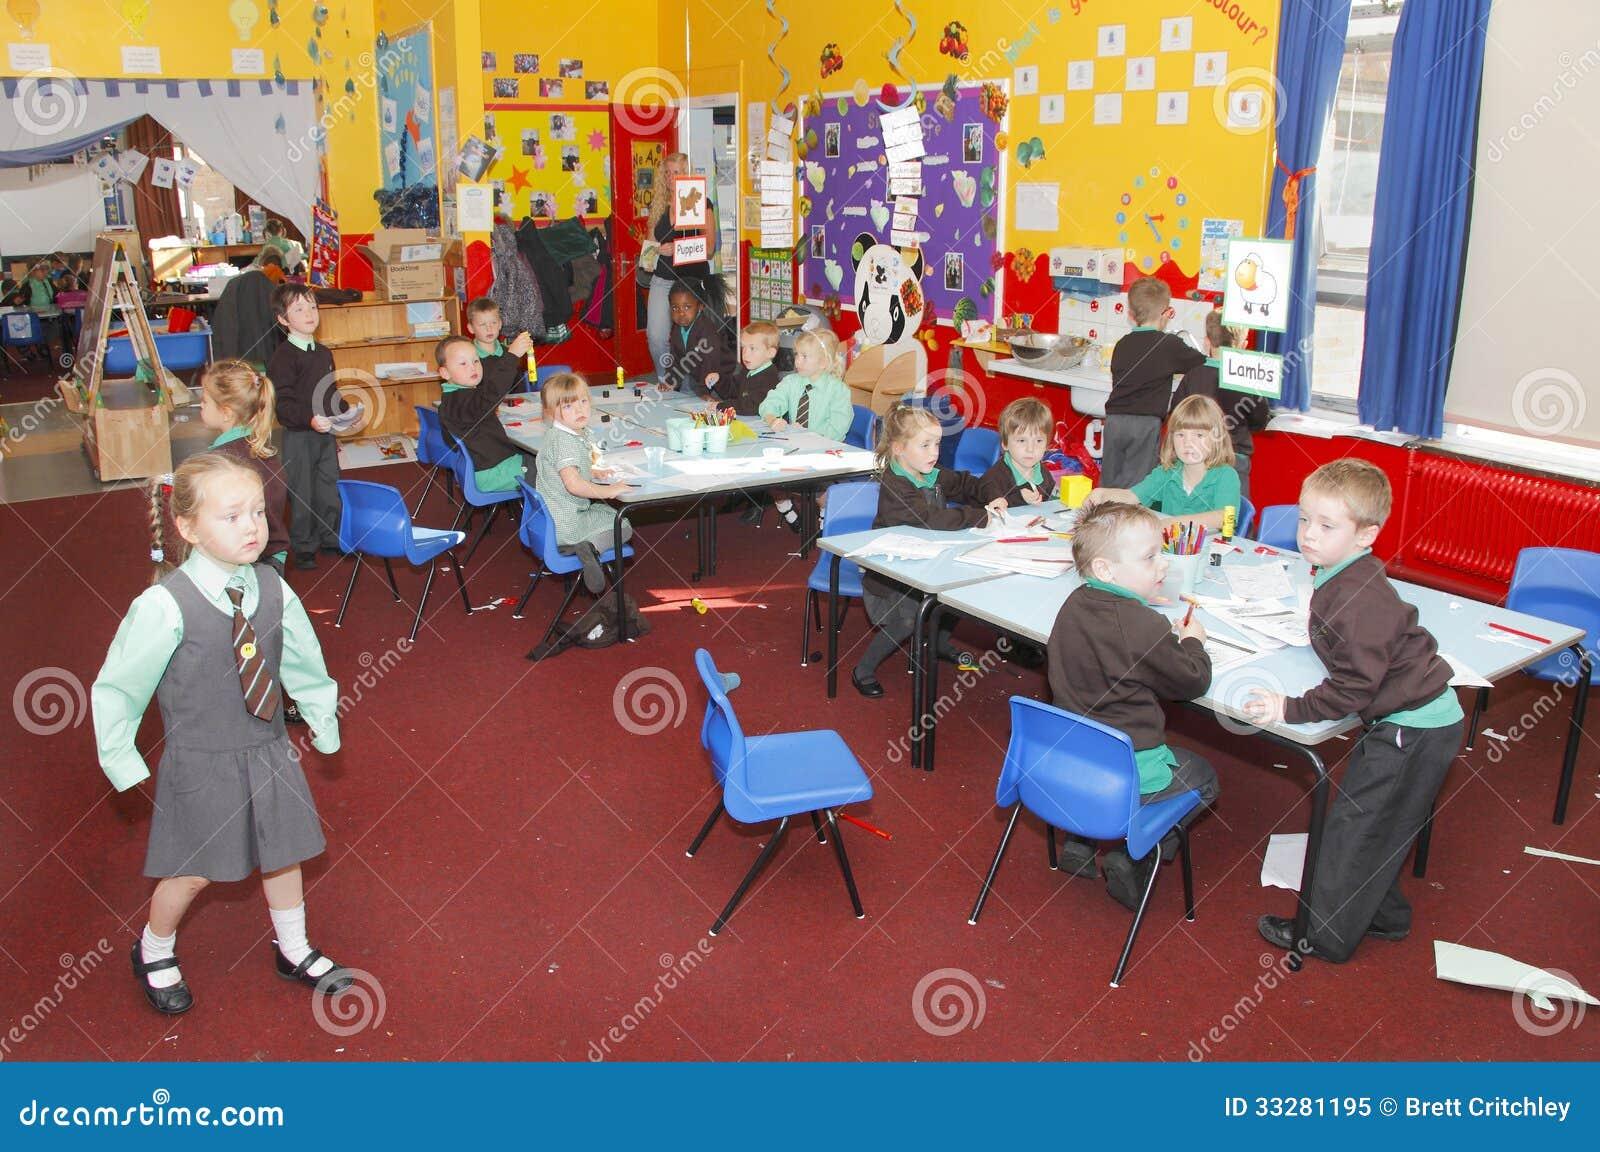 有小学生的英国幼儿学校教室.图片